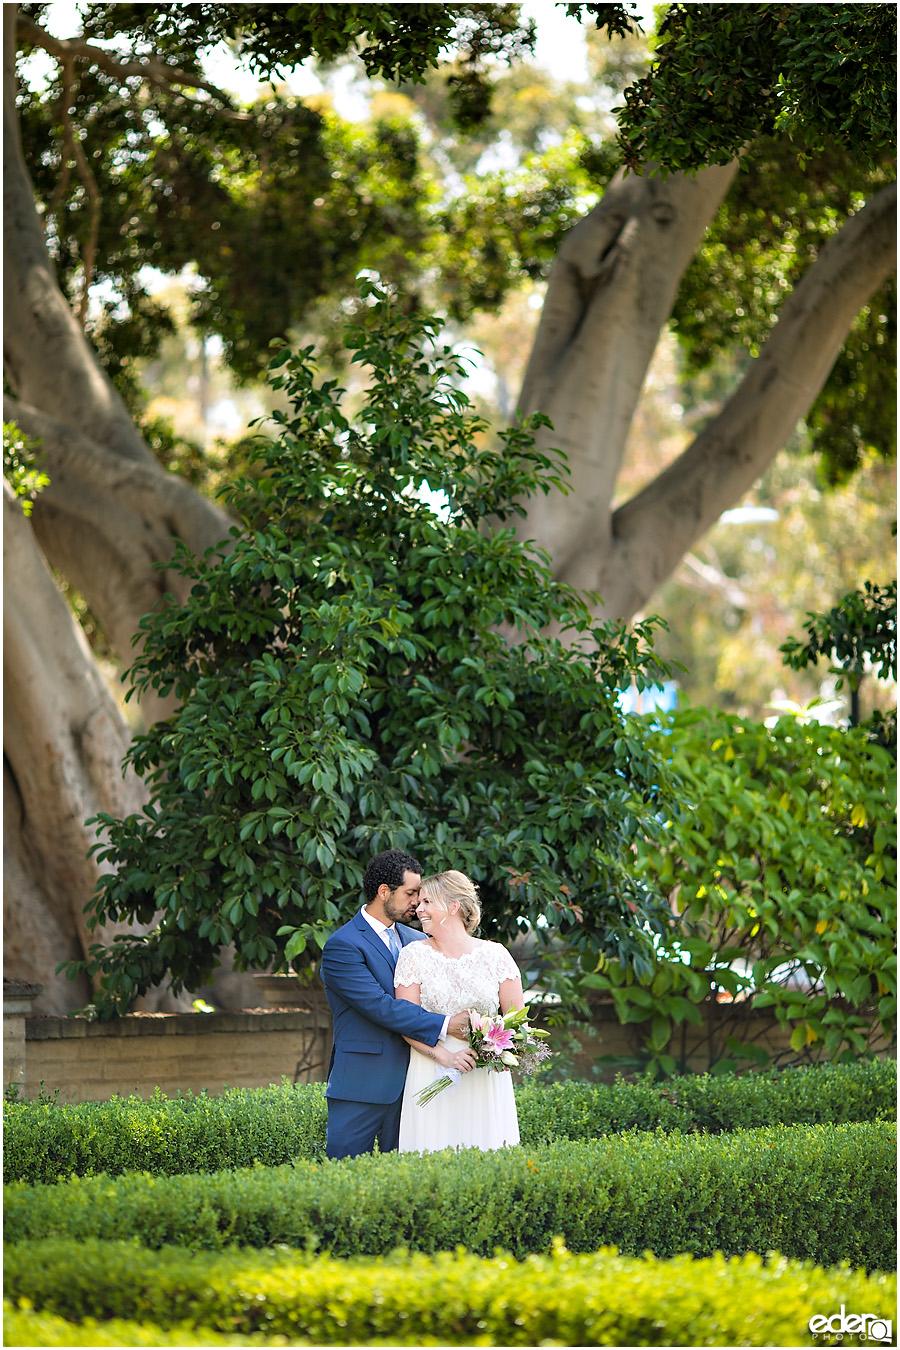 San Diego Elopement couple portrait in a garden.